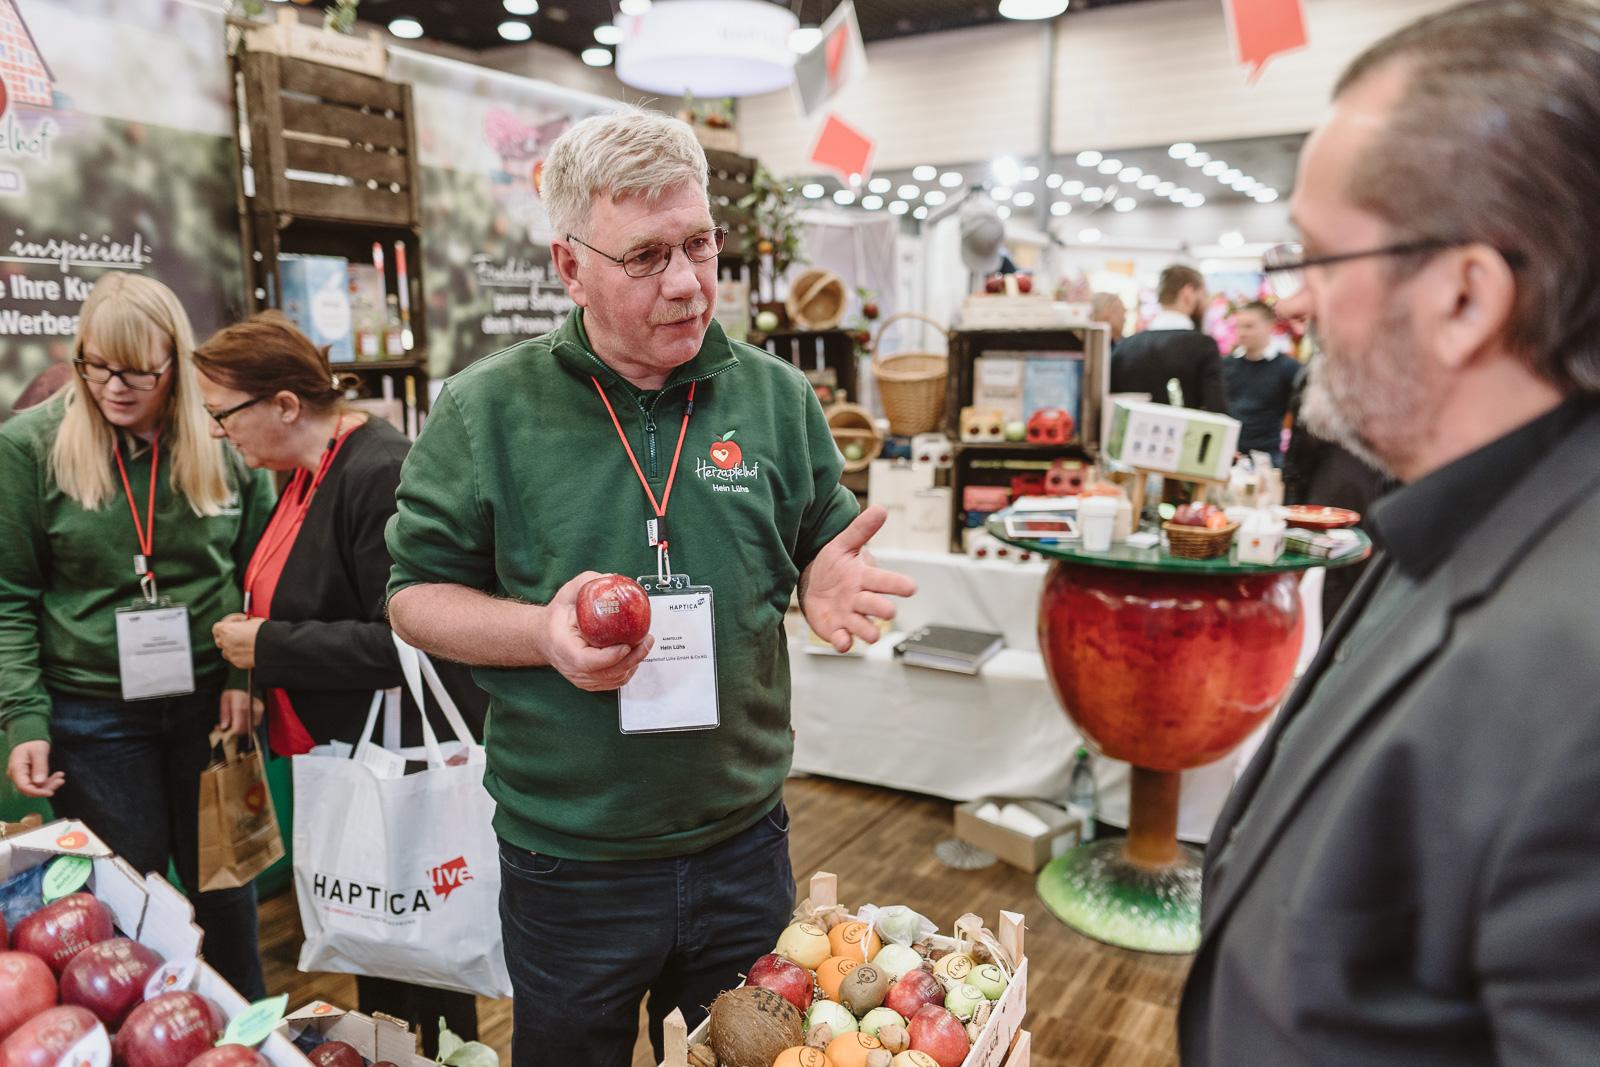 Fotografin Bonn - Messe Haptica  - Messegespräch mit Apfel